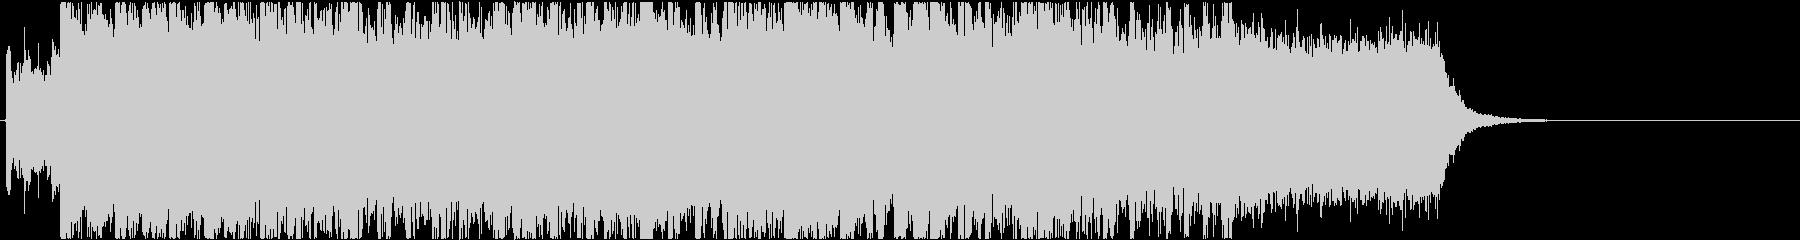 ニュースOP3 16bit44.1kHzの未再生の波形